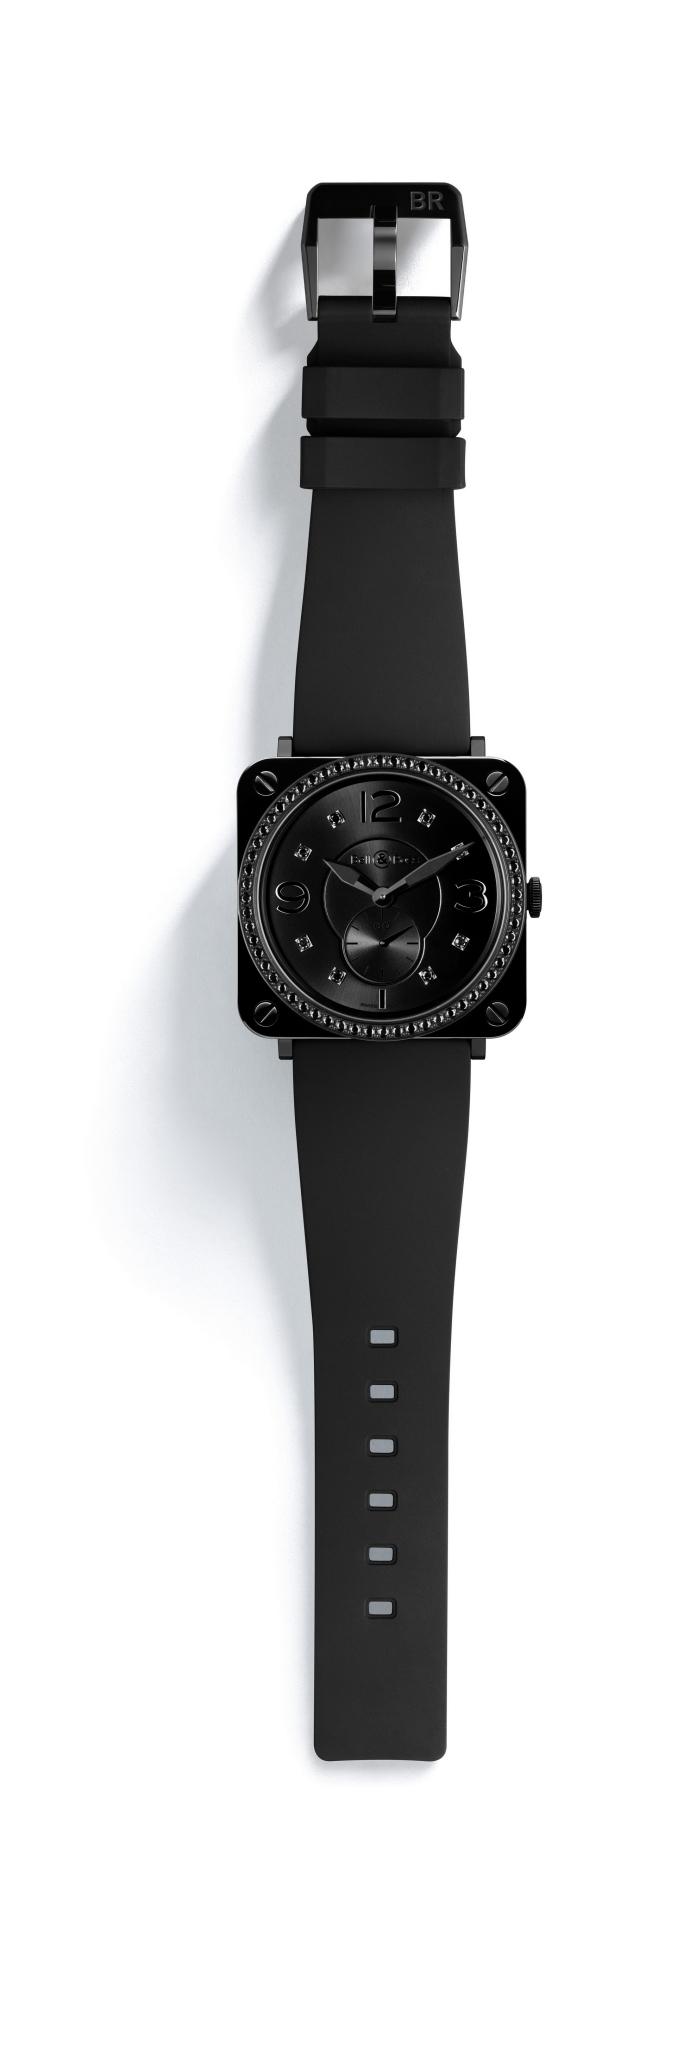 Ультрасовременные, стильные и элегантные женские часы серии INSTRUMENT BR-S от компании Bell & Ross